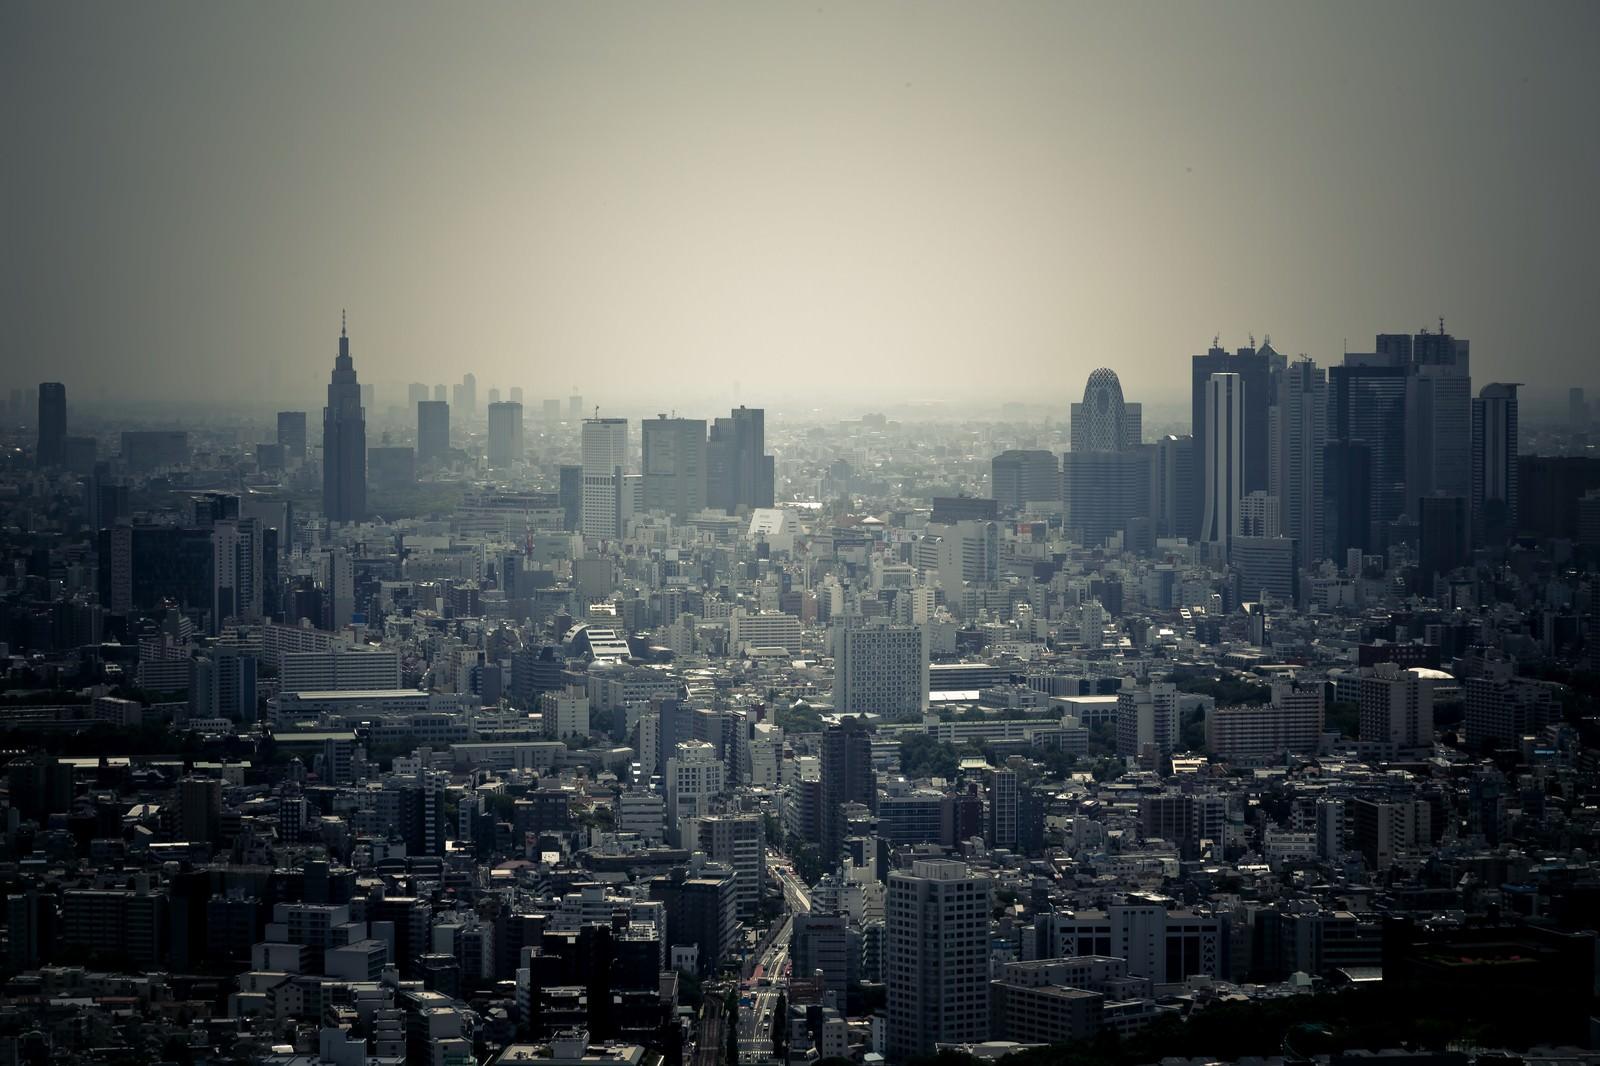 「東京 都会 フリー」の画像検索結果